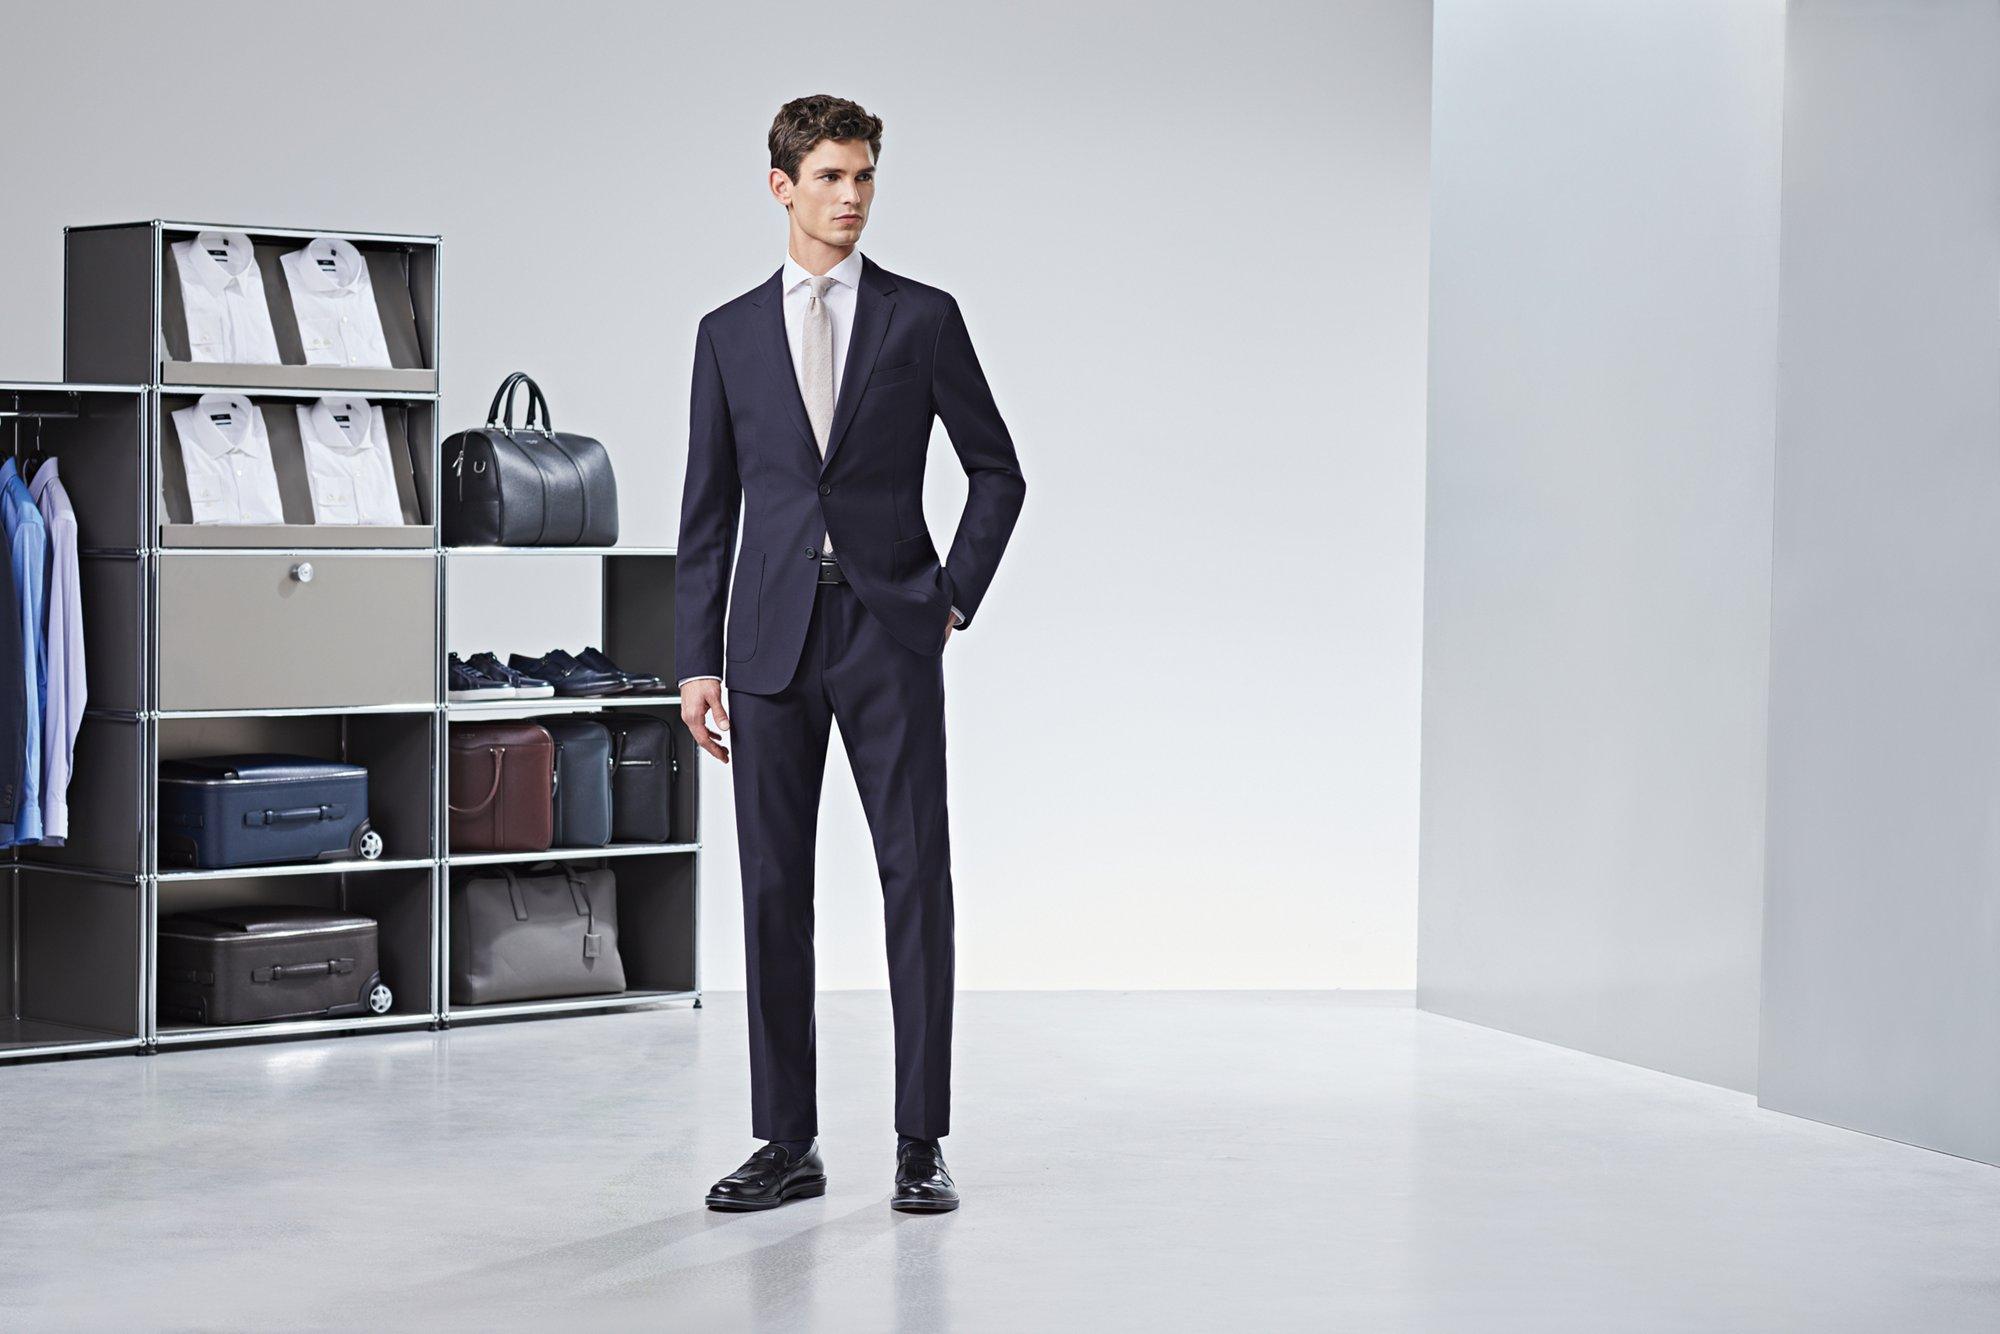 如果你寻求的是一种突破,比如说在营销或者发布之类职位,而你又不喜欢不得不坚持公司的着装。一身西装就能帮助你轻而易举地坐享胜利,并且选择针织衫作为内搭要远远优于刻板的衬衫和领带